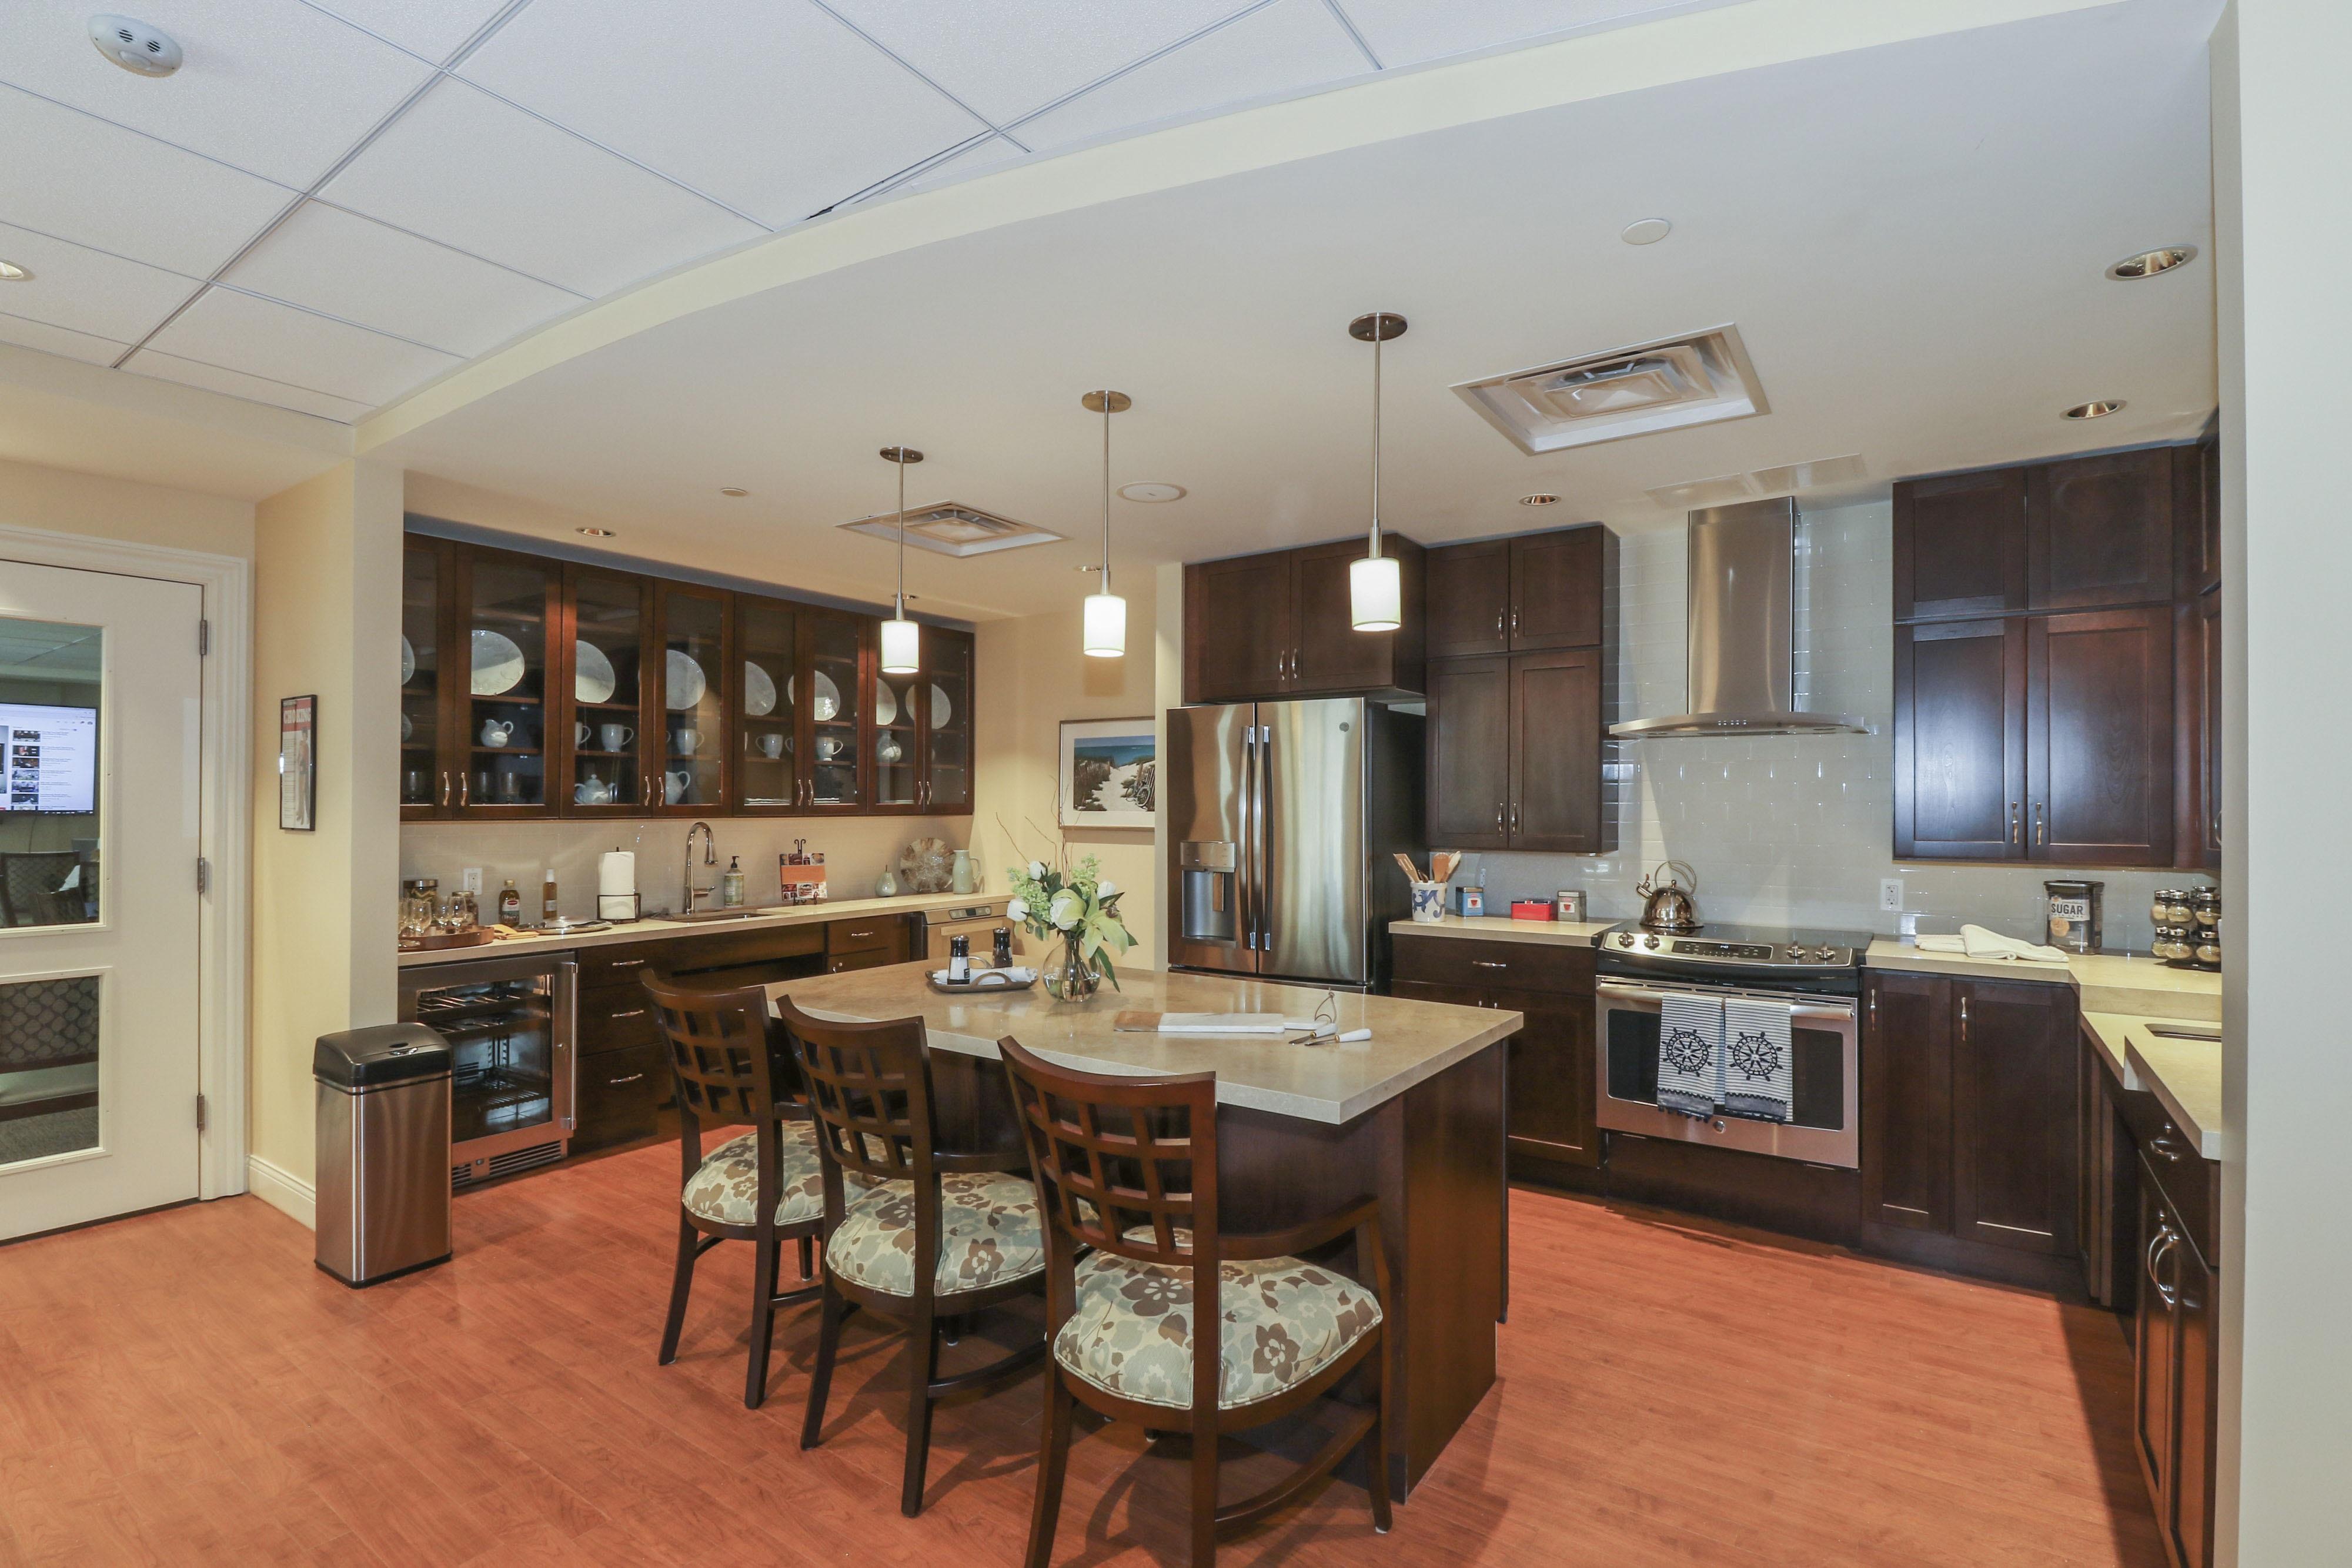 smt-kitchen.jpg